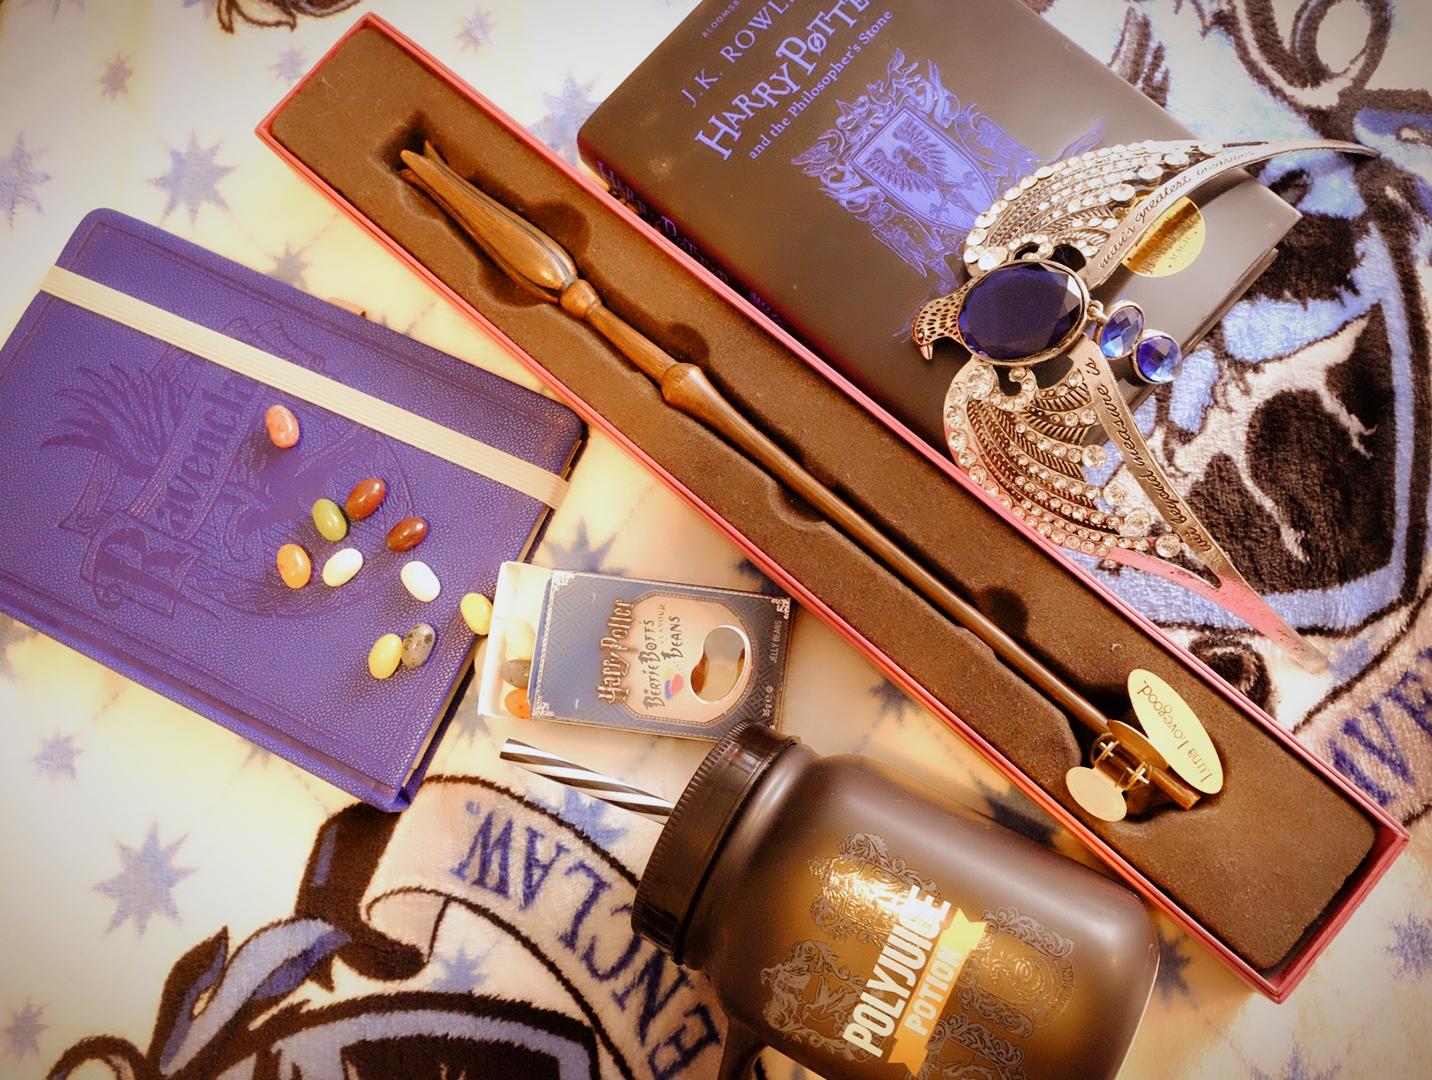 Ravenclaw Merchandise